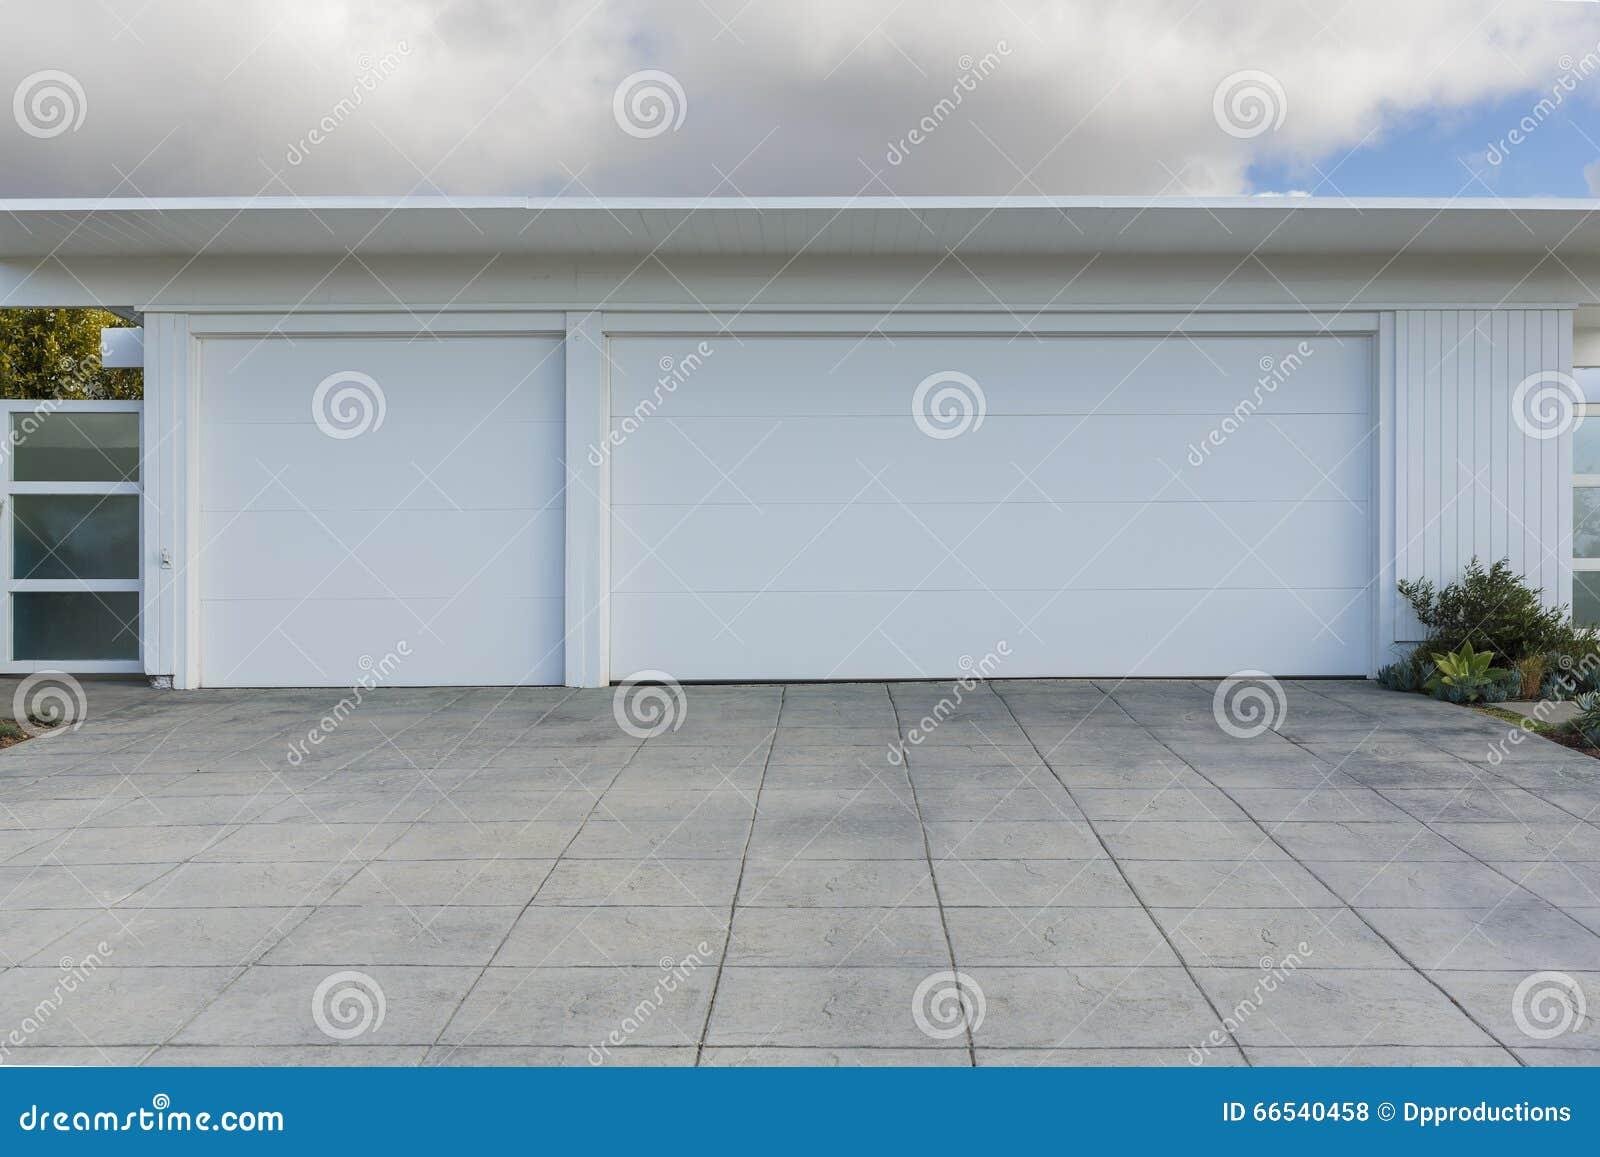 Casa con el garaje de 3 coches foto de archivo imagen de - Garaje de coches ...